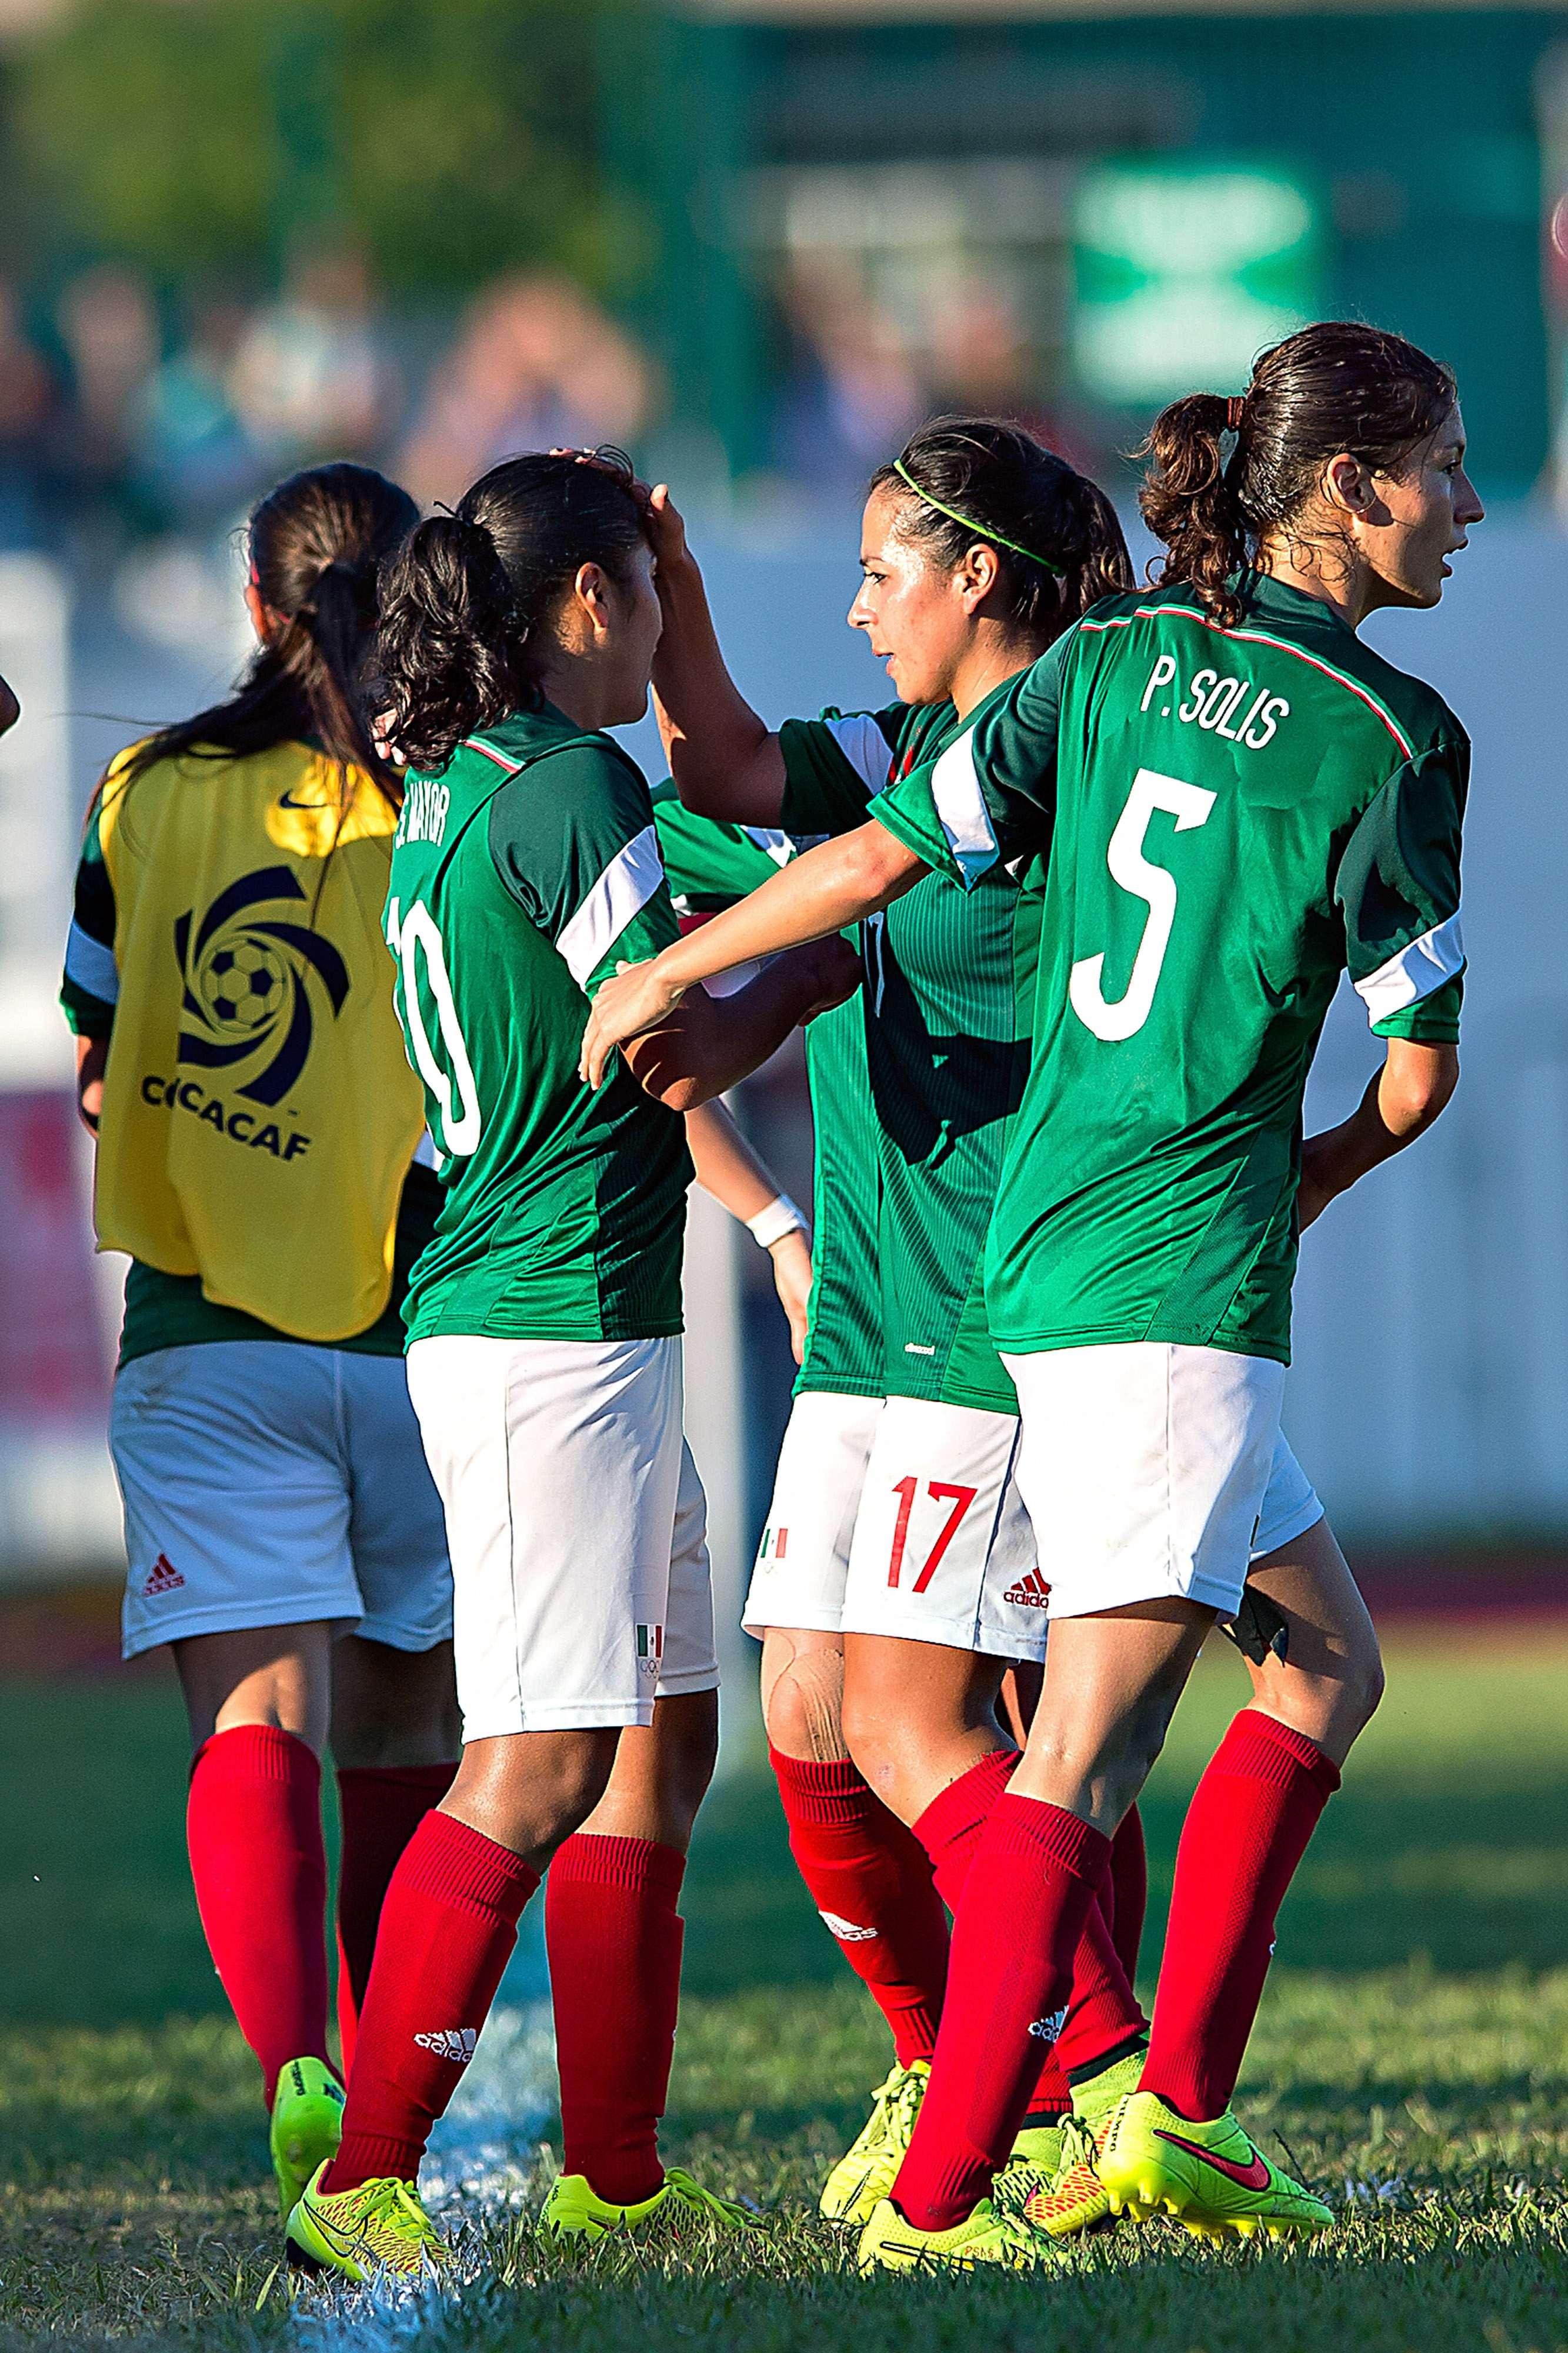 Las dirigidas por Leonardo Cuéllar cerraron con siete puntos, tras un empate y dos victorias. Foto: Mexsport